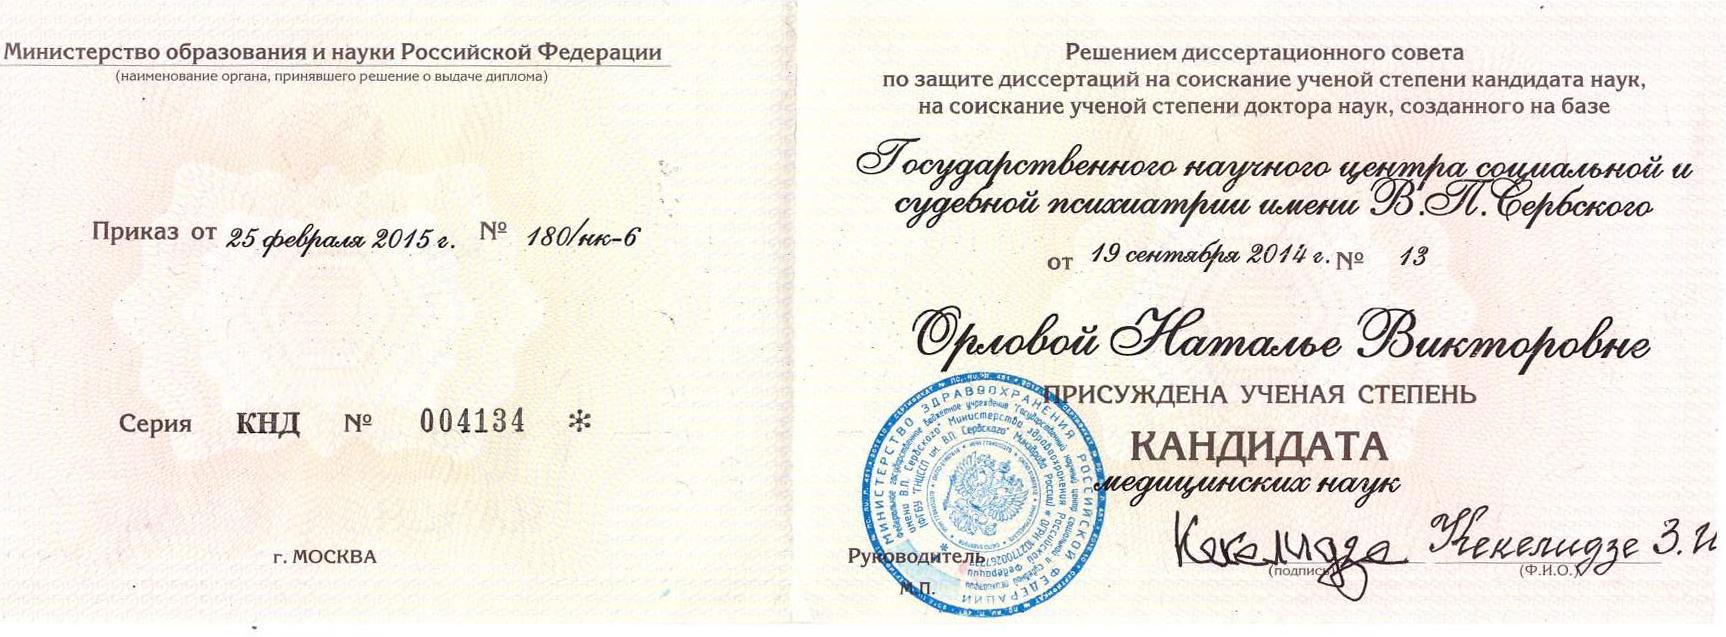 Орлова 5